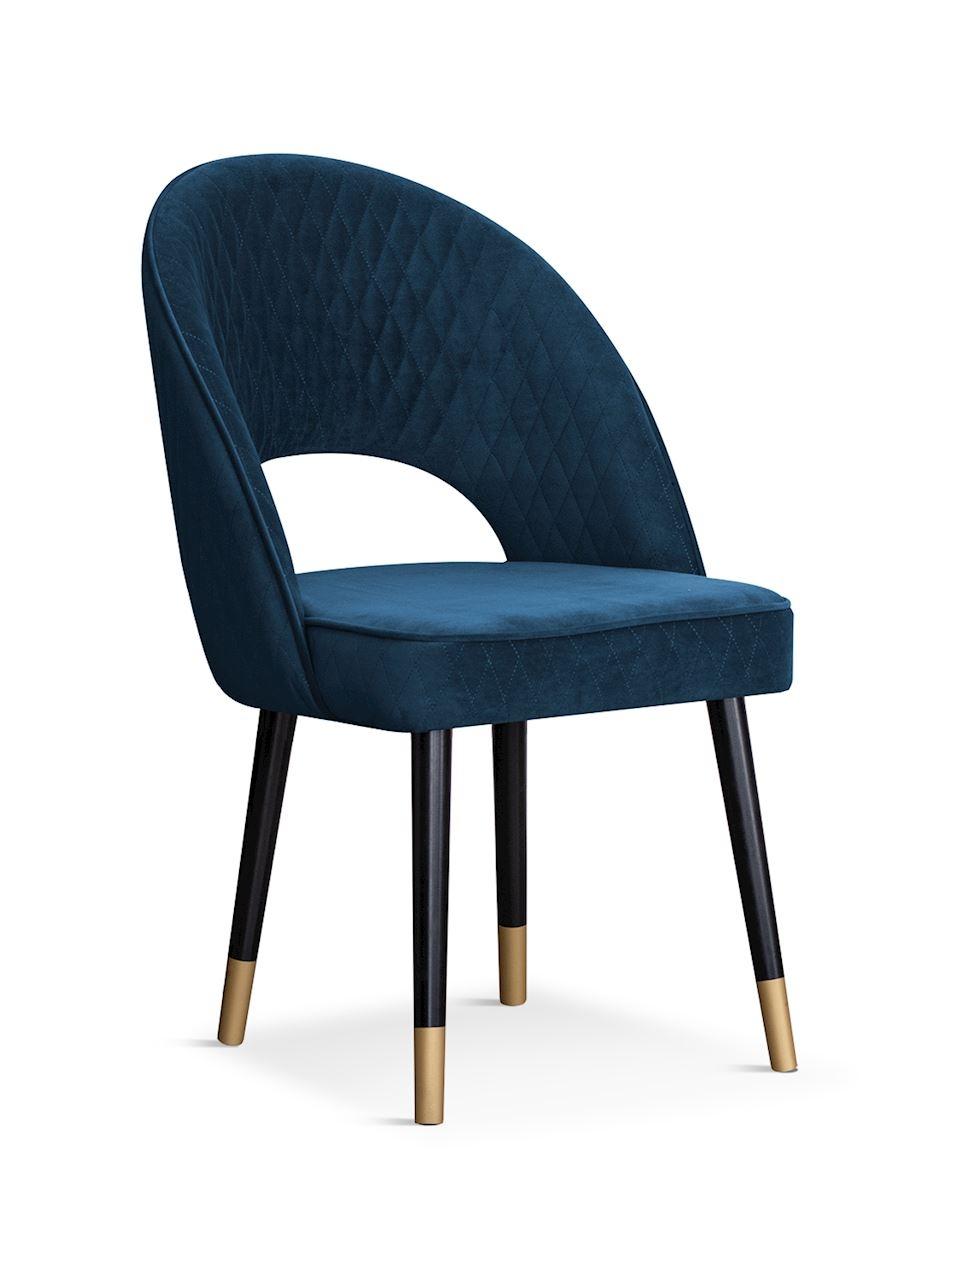 Scaun tapitat cu stofa, cu picioare din lemn Ponte Navy Blue / Black / Gold, l56xA63xH89 cm